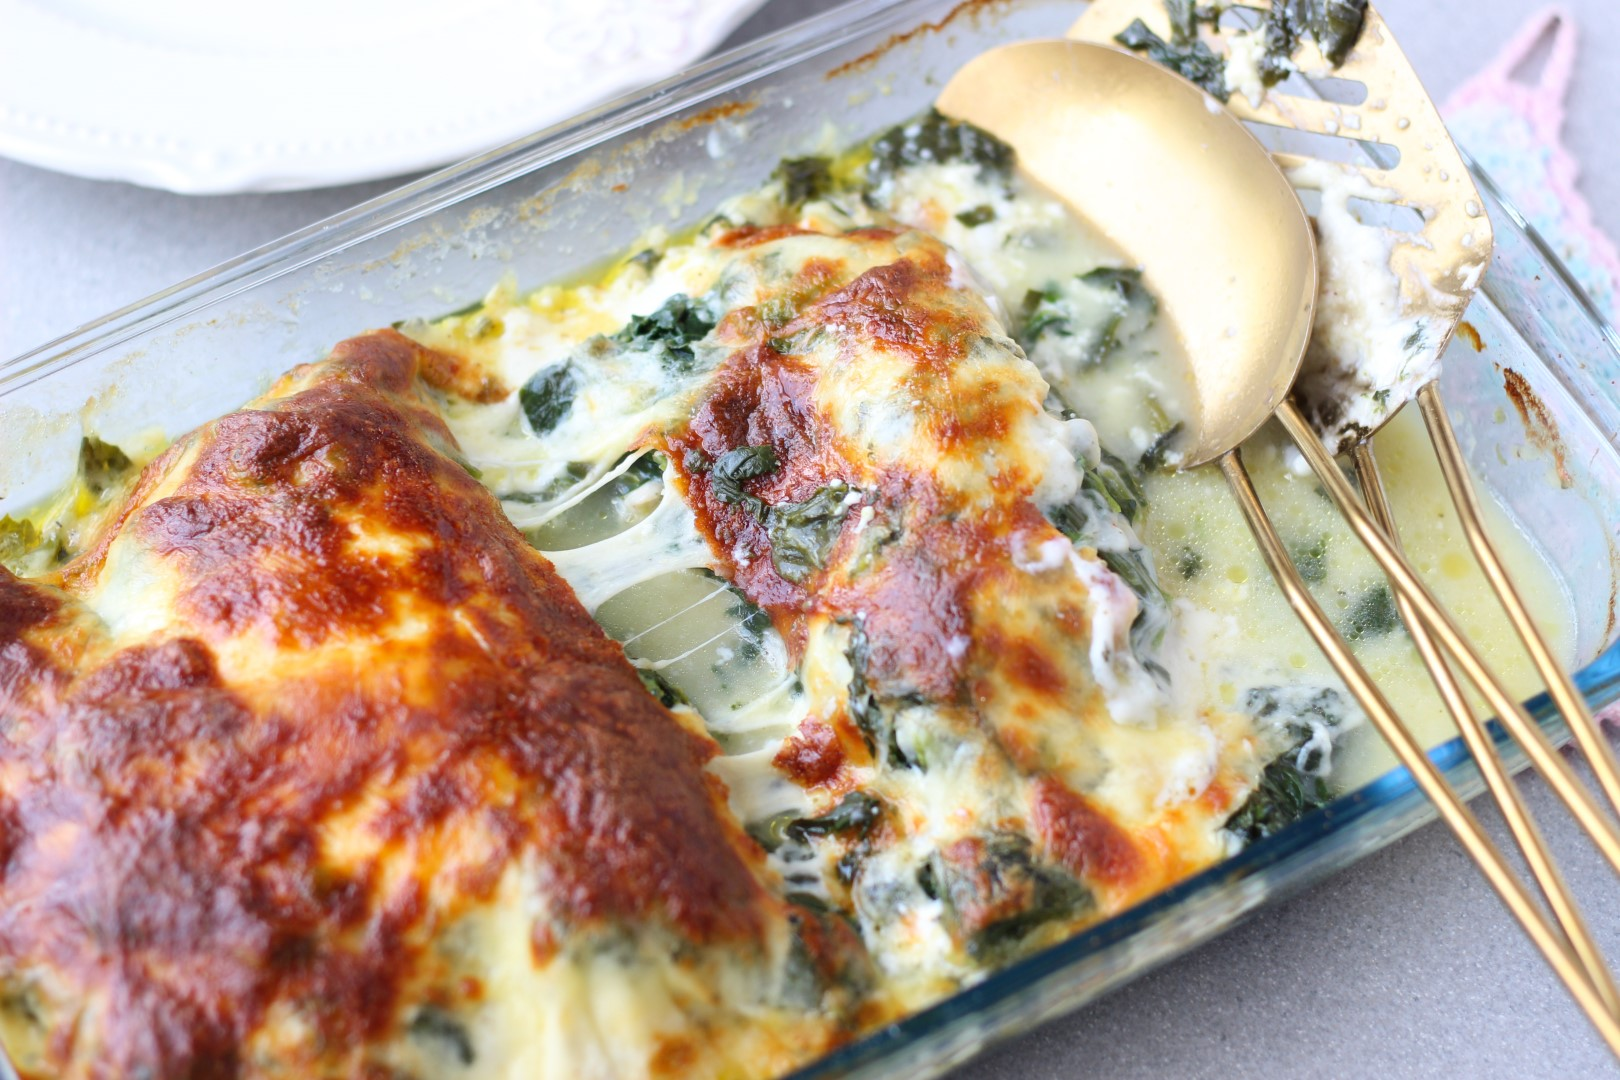 pollo al horno con espinaca, queso crema y muzzarella gratinada, recetas de cocina, cocina fácil, casancrem.